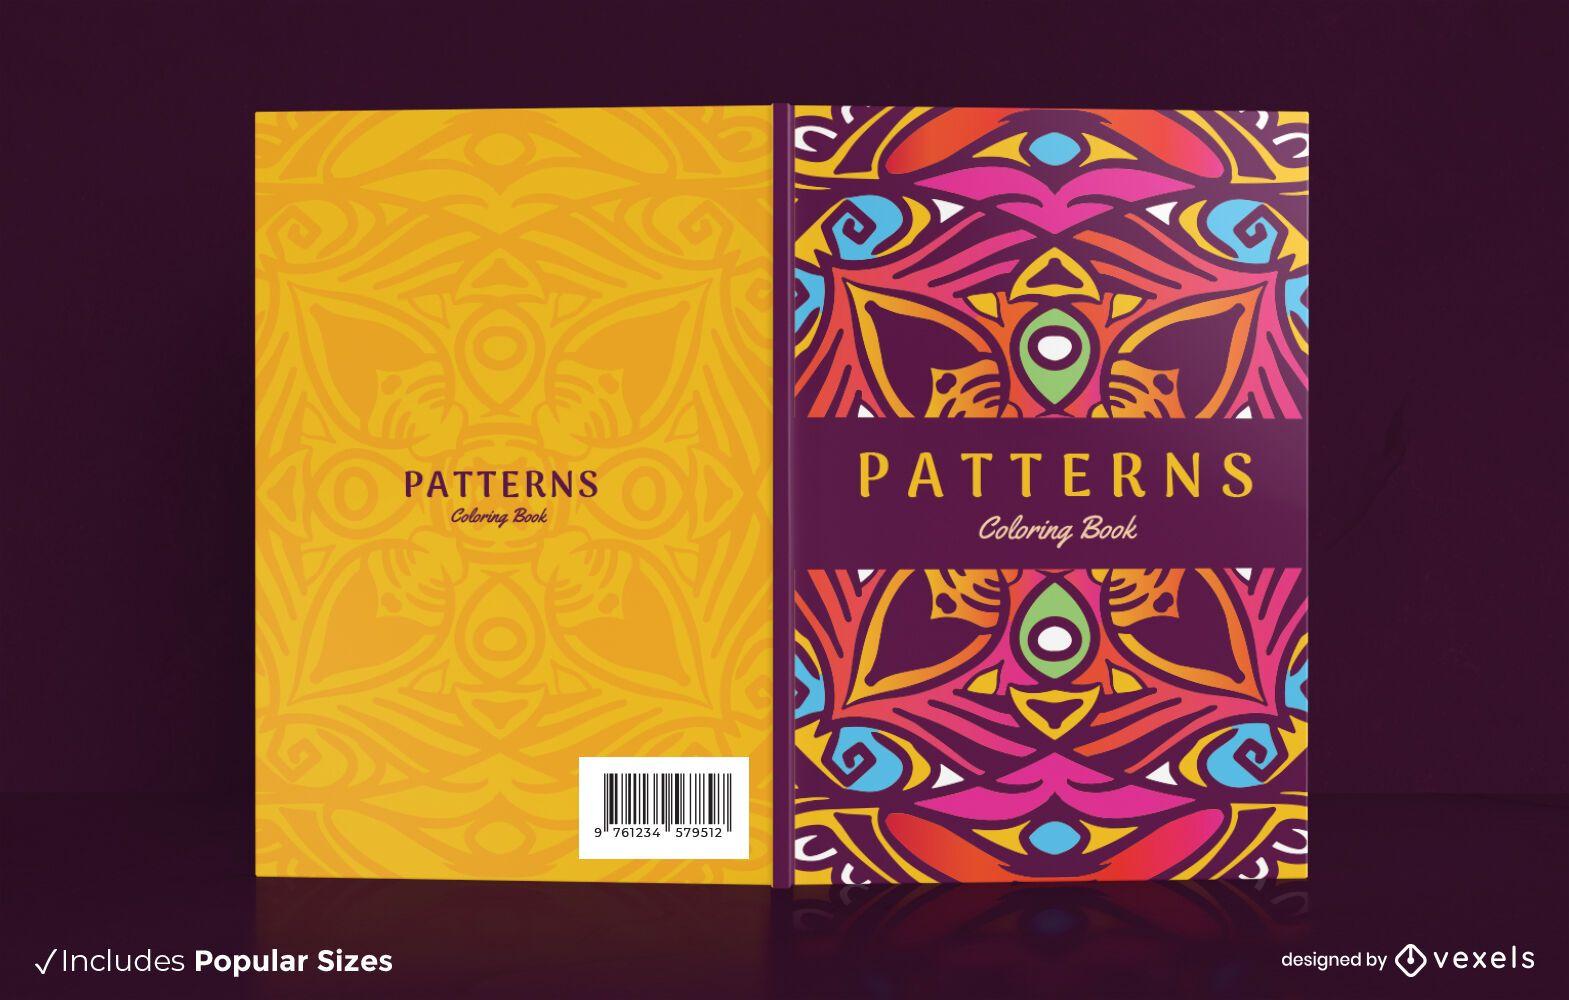 Desenho de capa de livro para colorir com padrão de mandala